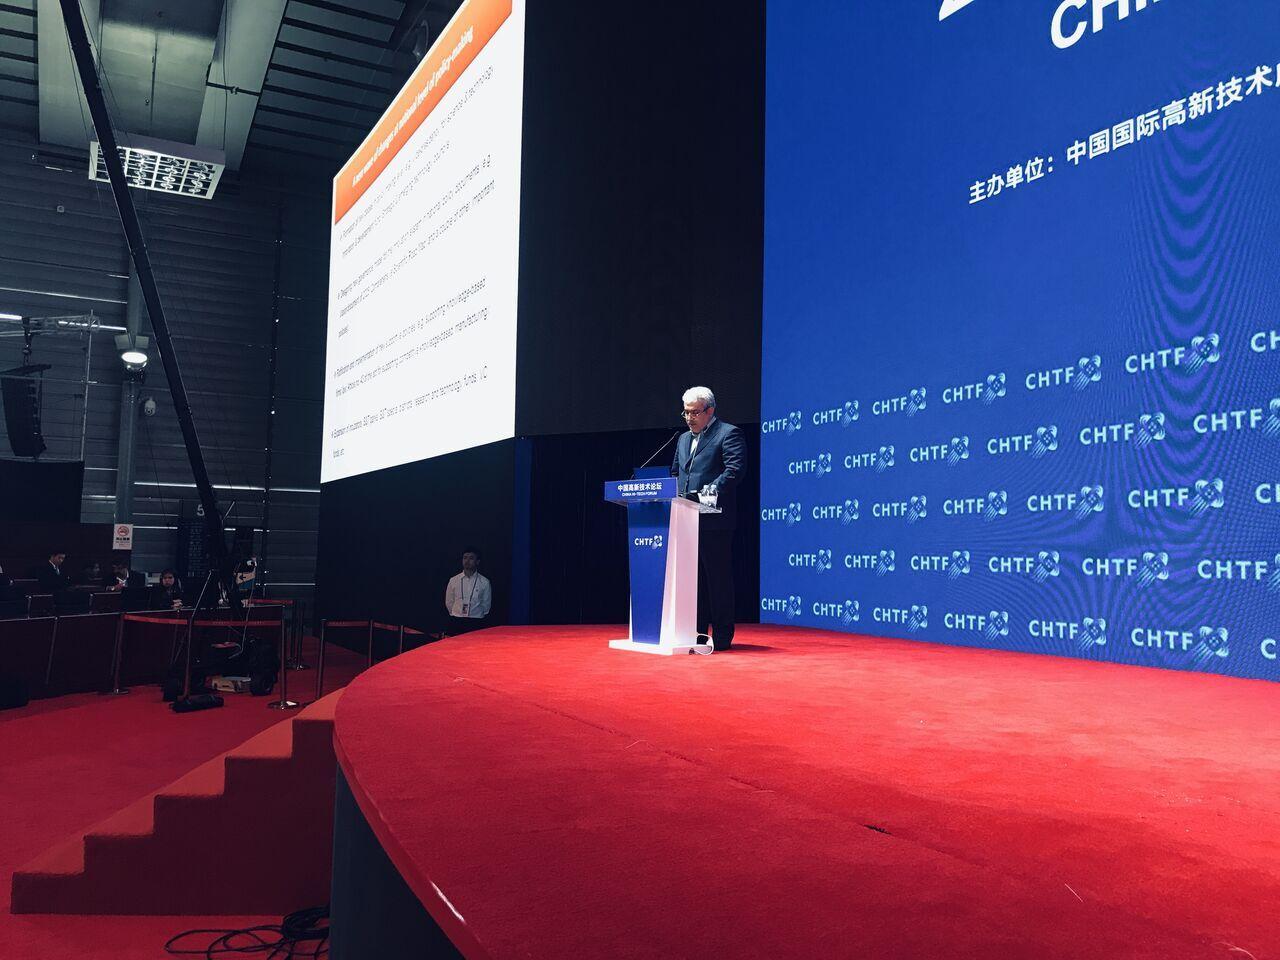 إيران مستعدة للتعاون العلمي و التقني مع جميع الدول